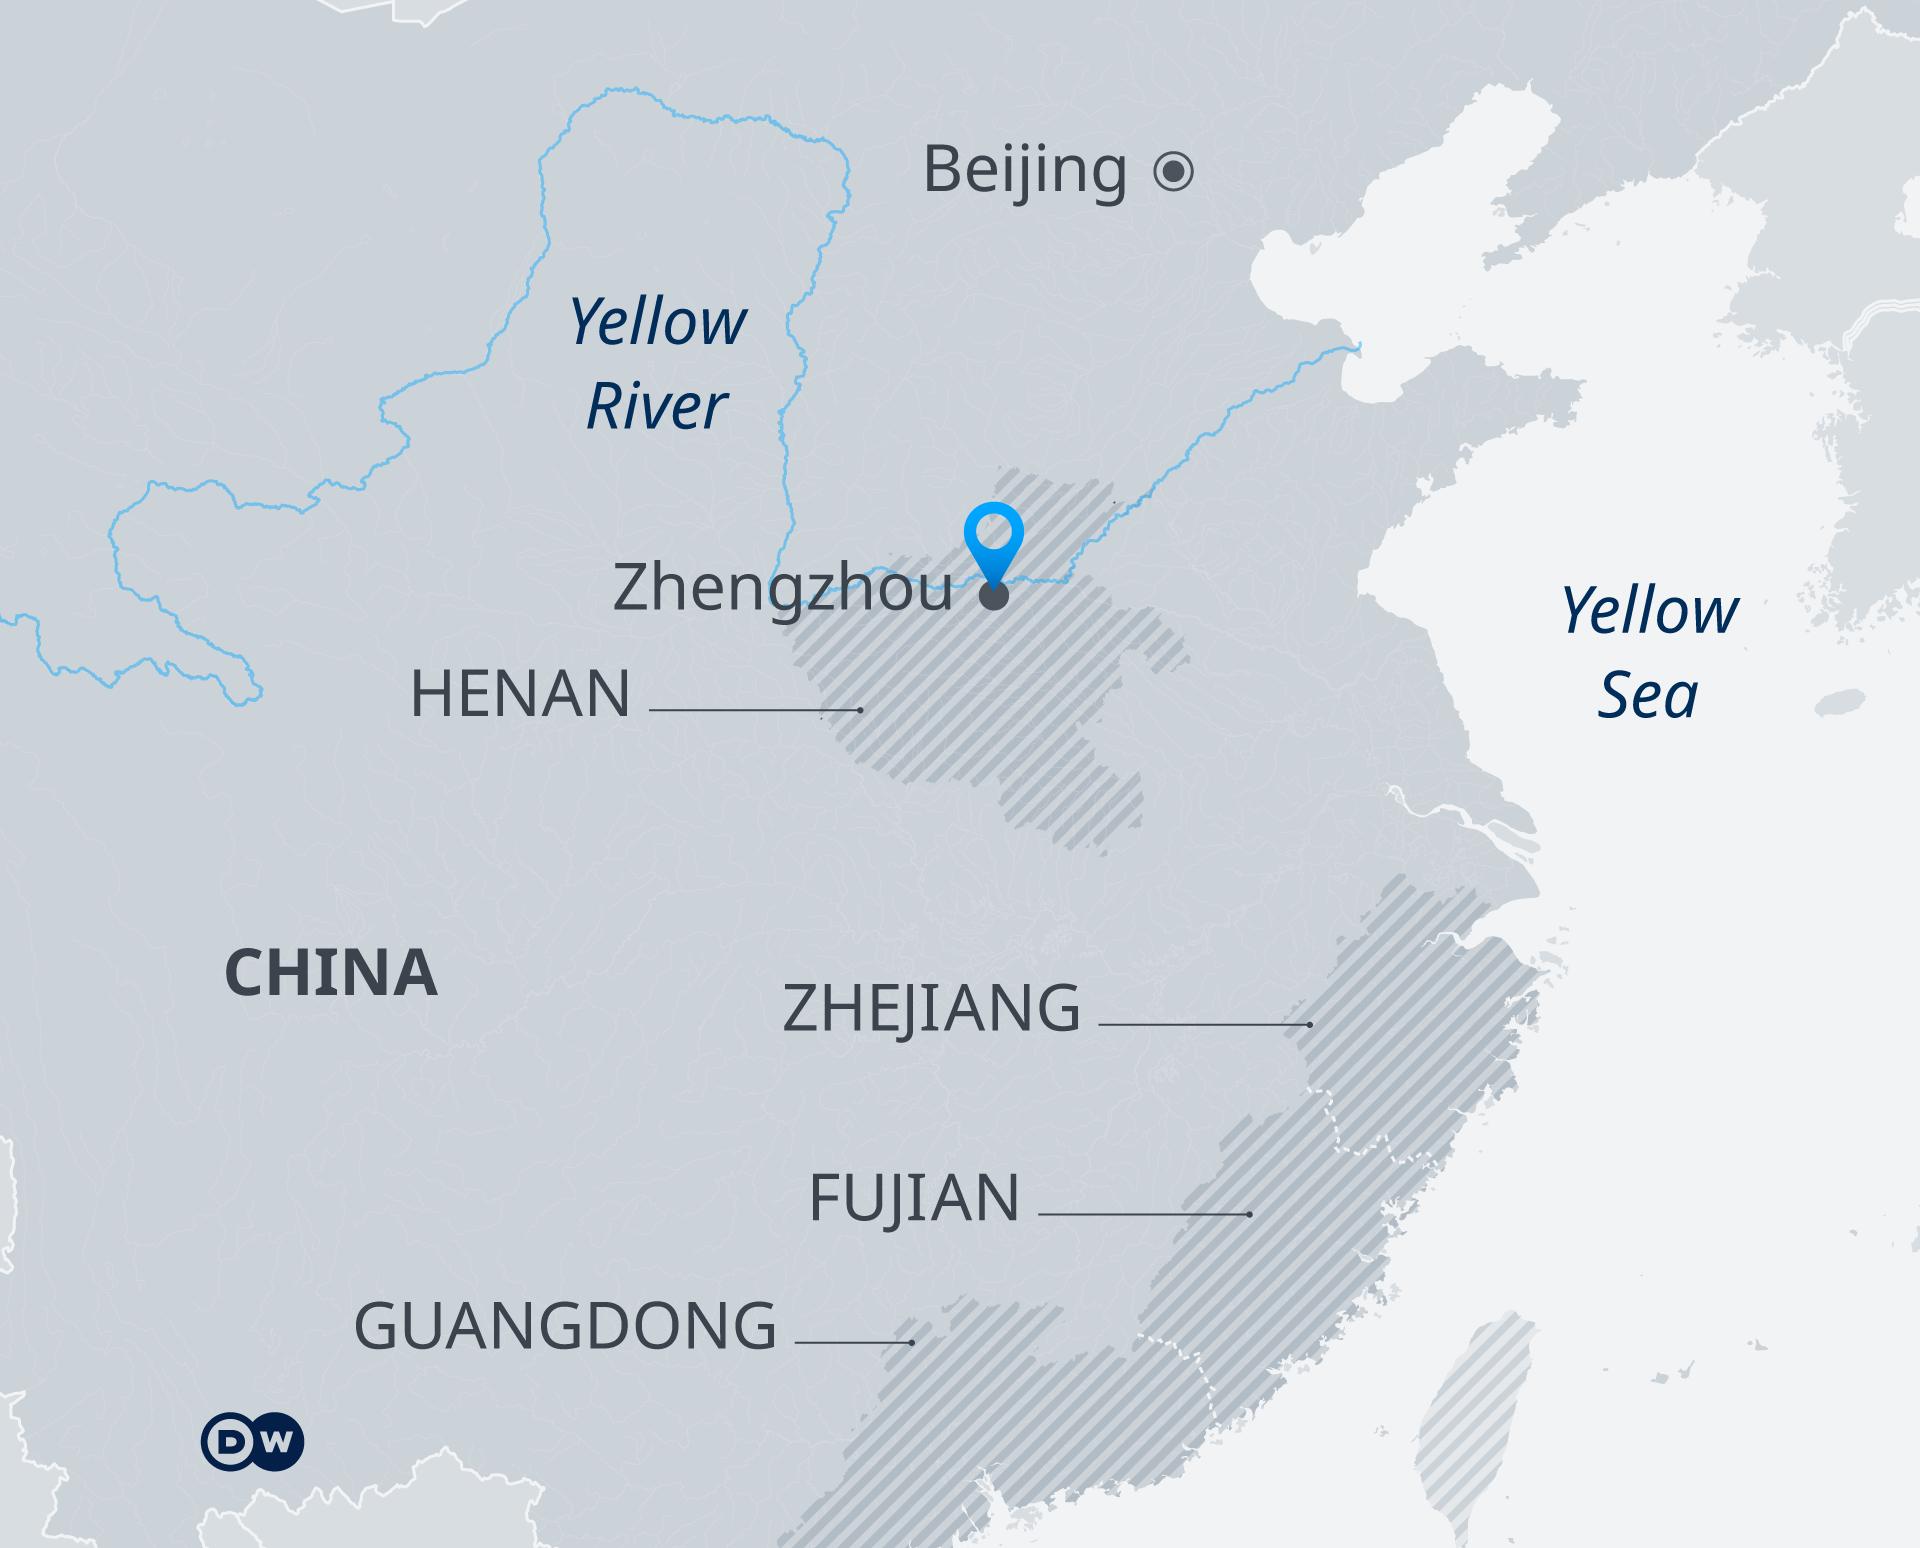 انفوگرافک نقشہ چین زینگجو سیلاب EN